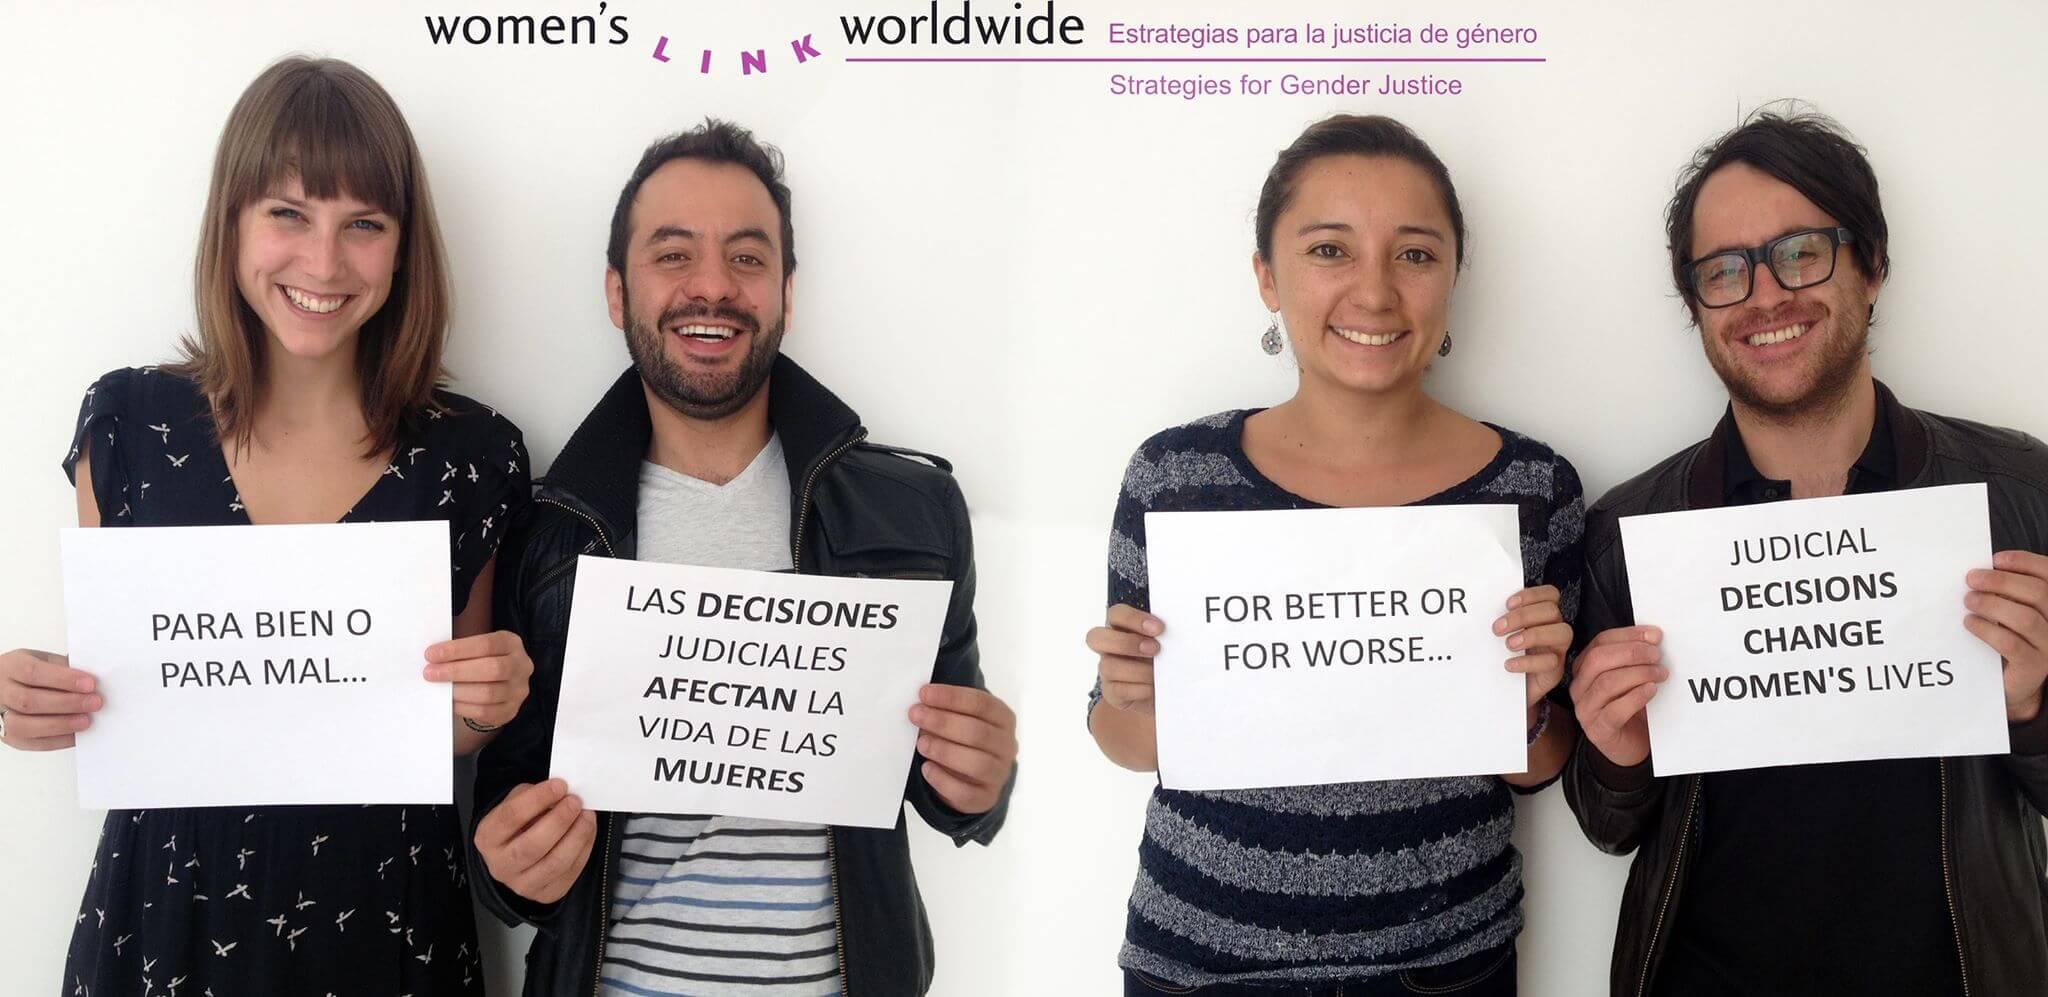 Decisiones nominadas para la categoría Garrote en los Premios Género y Justicia al Descubierto 2015